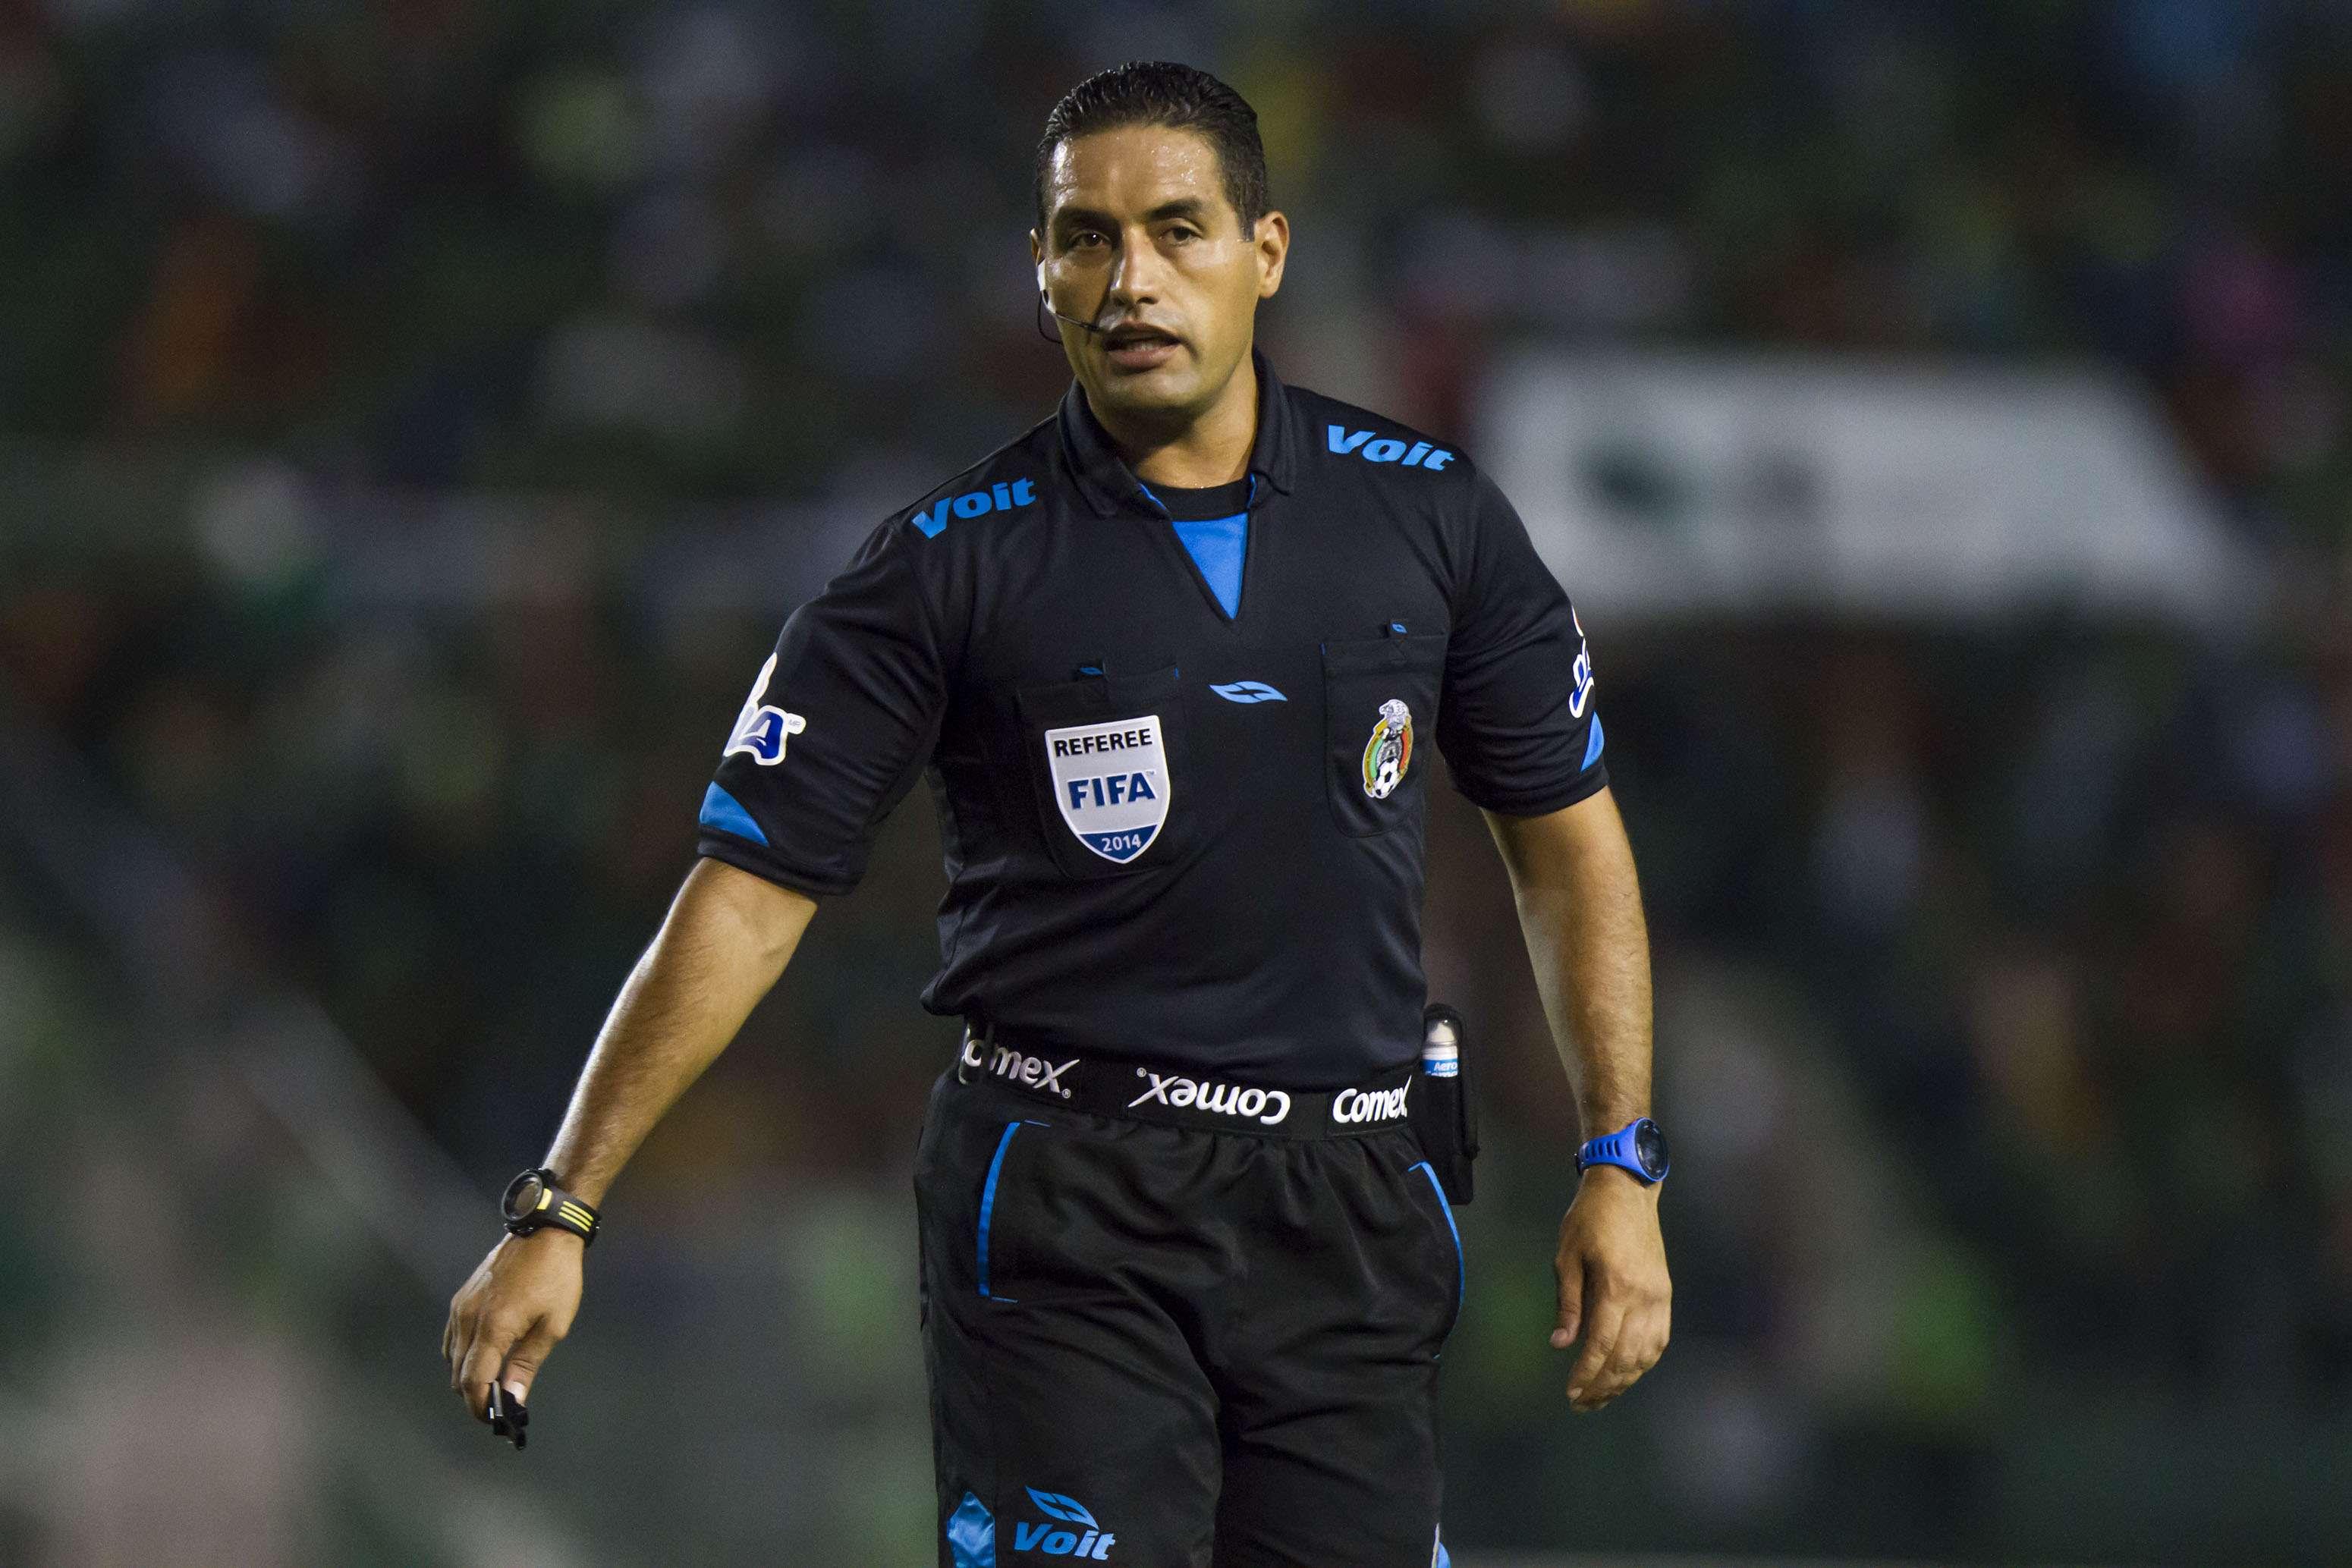 García Orozco tendrá el duelo más complicado. Foto: imago7